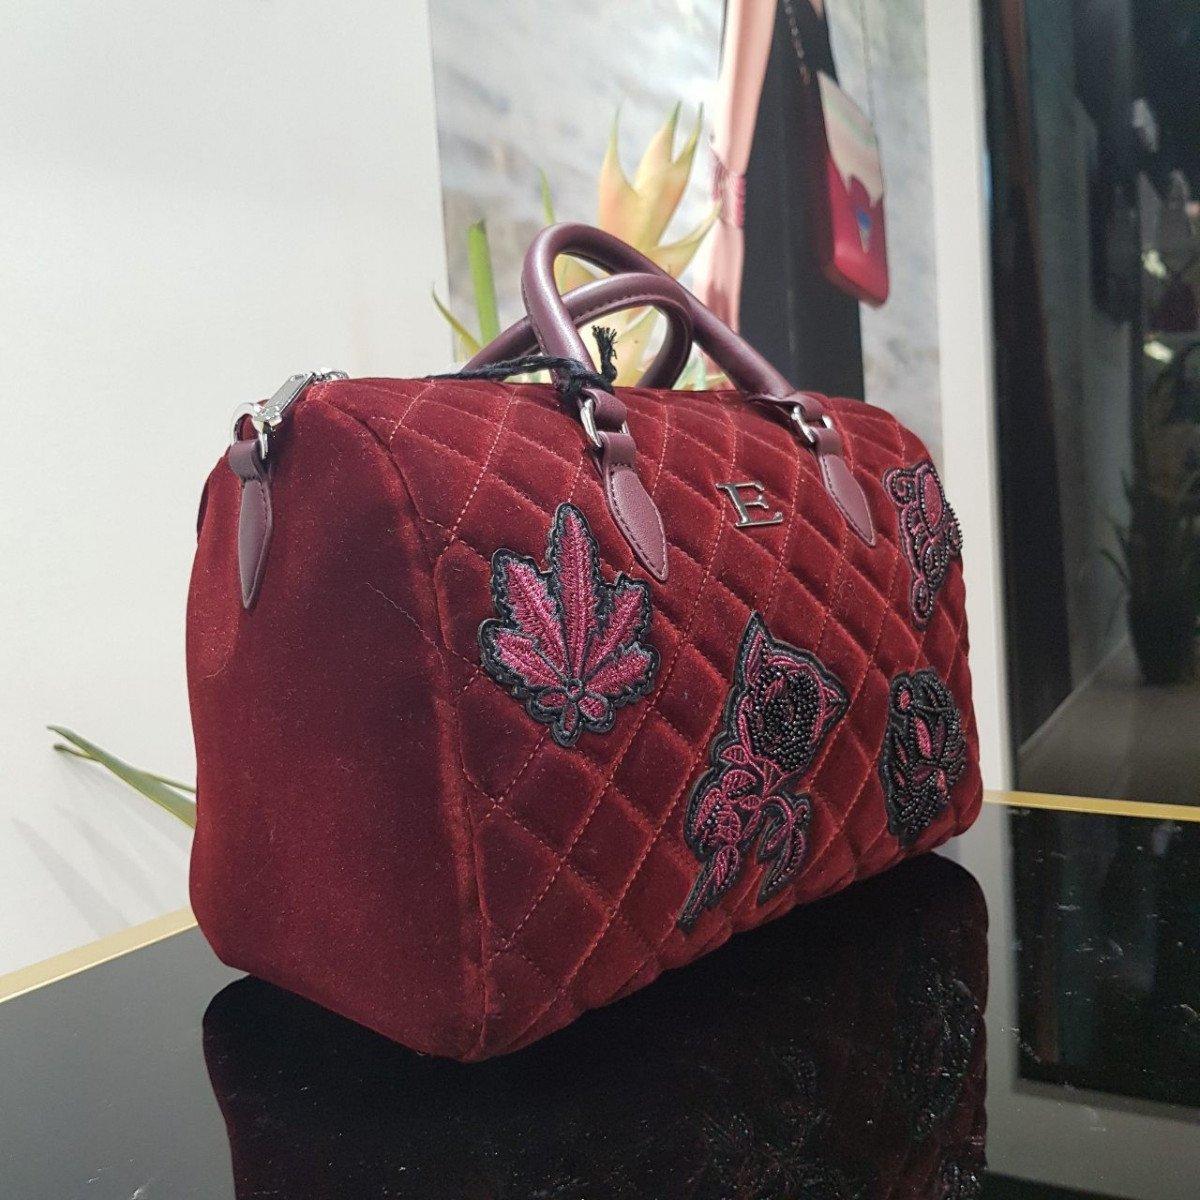 Женская кожаная сумка Ermanno Scervino 12400588 red из натуральной кожи